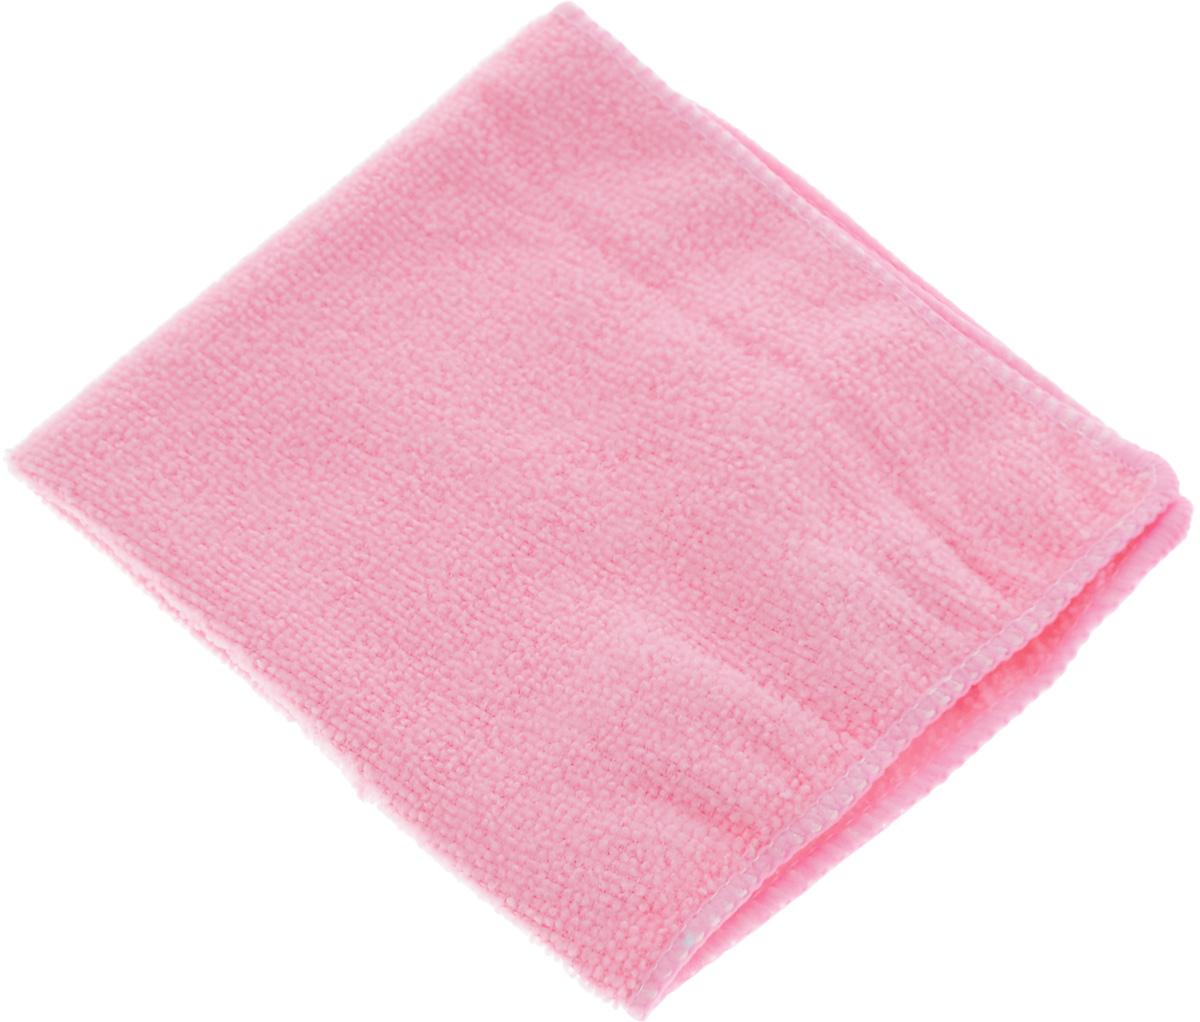 Салфетка для уборки Youll love, цвет: розовый, 30 х 30 см787502Салфетка Youll love, изготовленная из микрофибры (100% полиэфир), предназначена для очищения загрязнений на любых поверхностях. Микрофибра - великолепная гипоаллергенная ткань из тончайших полимерных микроволокон. Многочисленные поры между микроволокнами, благодаря капиллярному эффекту, мгновенно впитывают воду, подобно губке. Любые капельки, остающиеся на очищаемой поверхности, очень быстро испаряются, и остается чистая дорожка без полос и разводов. В сухом виде при вытирании поверхности волокна микрофибры электризуются и притягивают к себе микробы, мельчайшие частицы пыли и грязи. Изделие обладает высокой износоустойчивостью и рассчитано на многократное использование, легко моется в теплой воде с мягкими чистящими средствами.